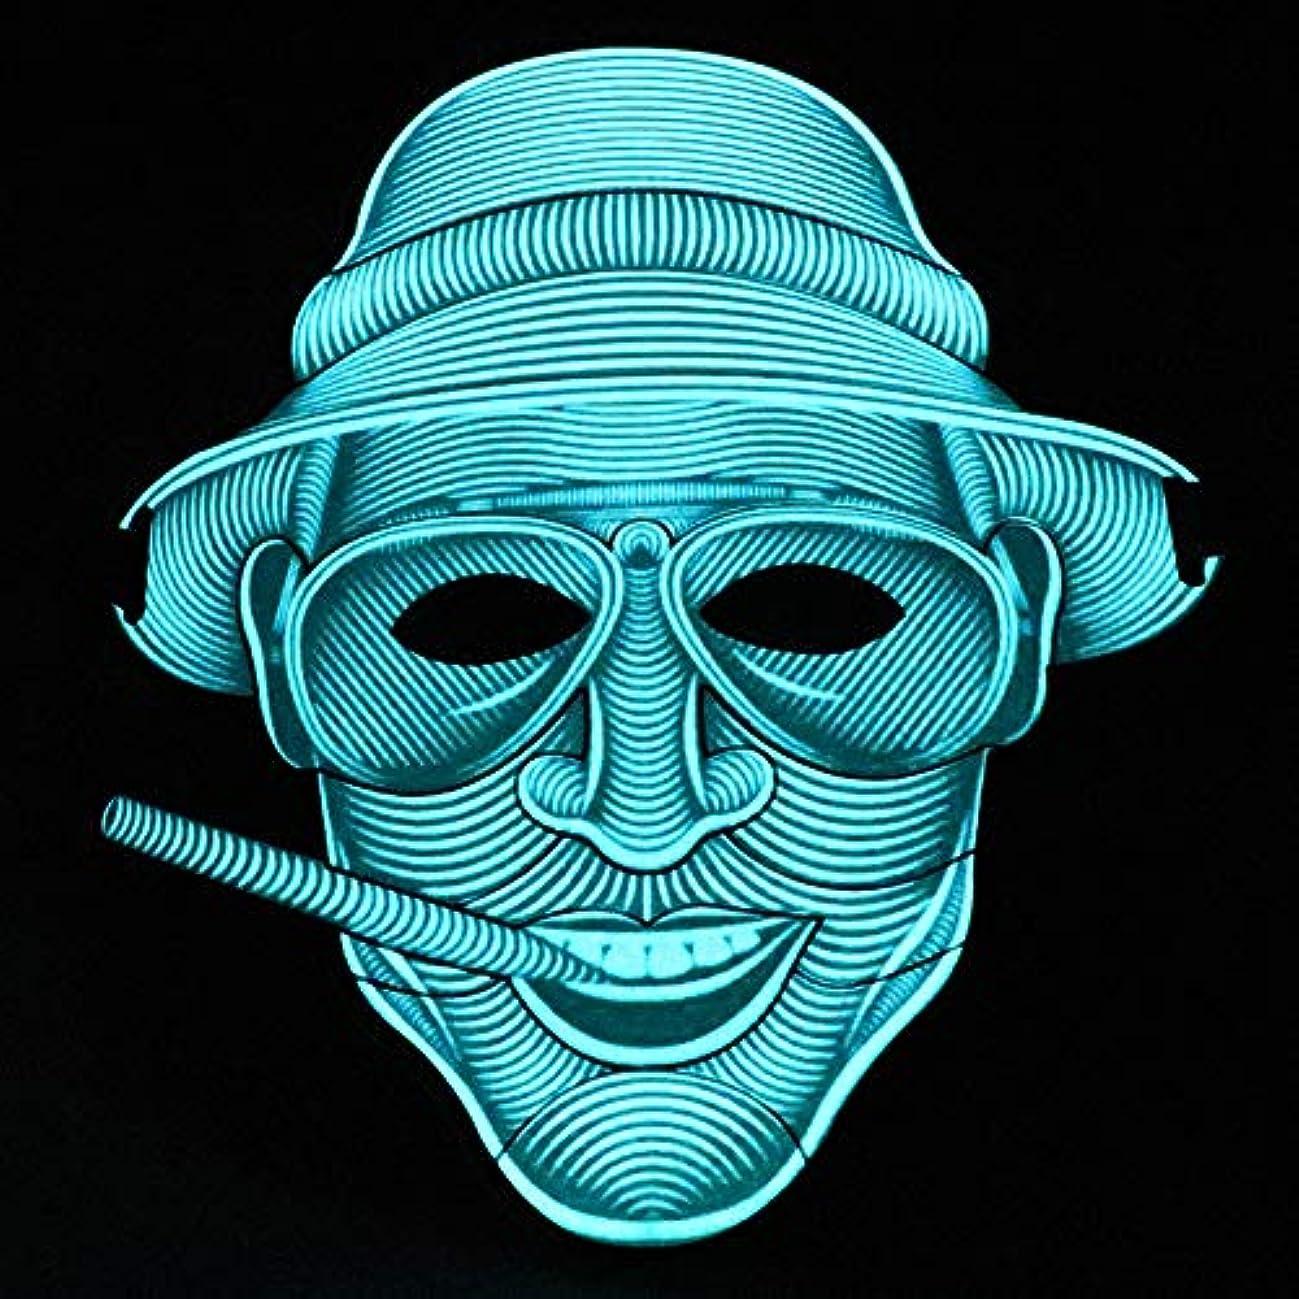 準備した平日子供達照らされたマスクLED創造的な冷光音響制御マスクハロウィンバーフェスティバルダンスマスク (Color : #10)